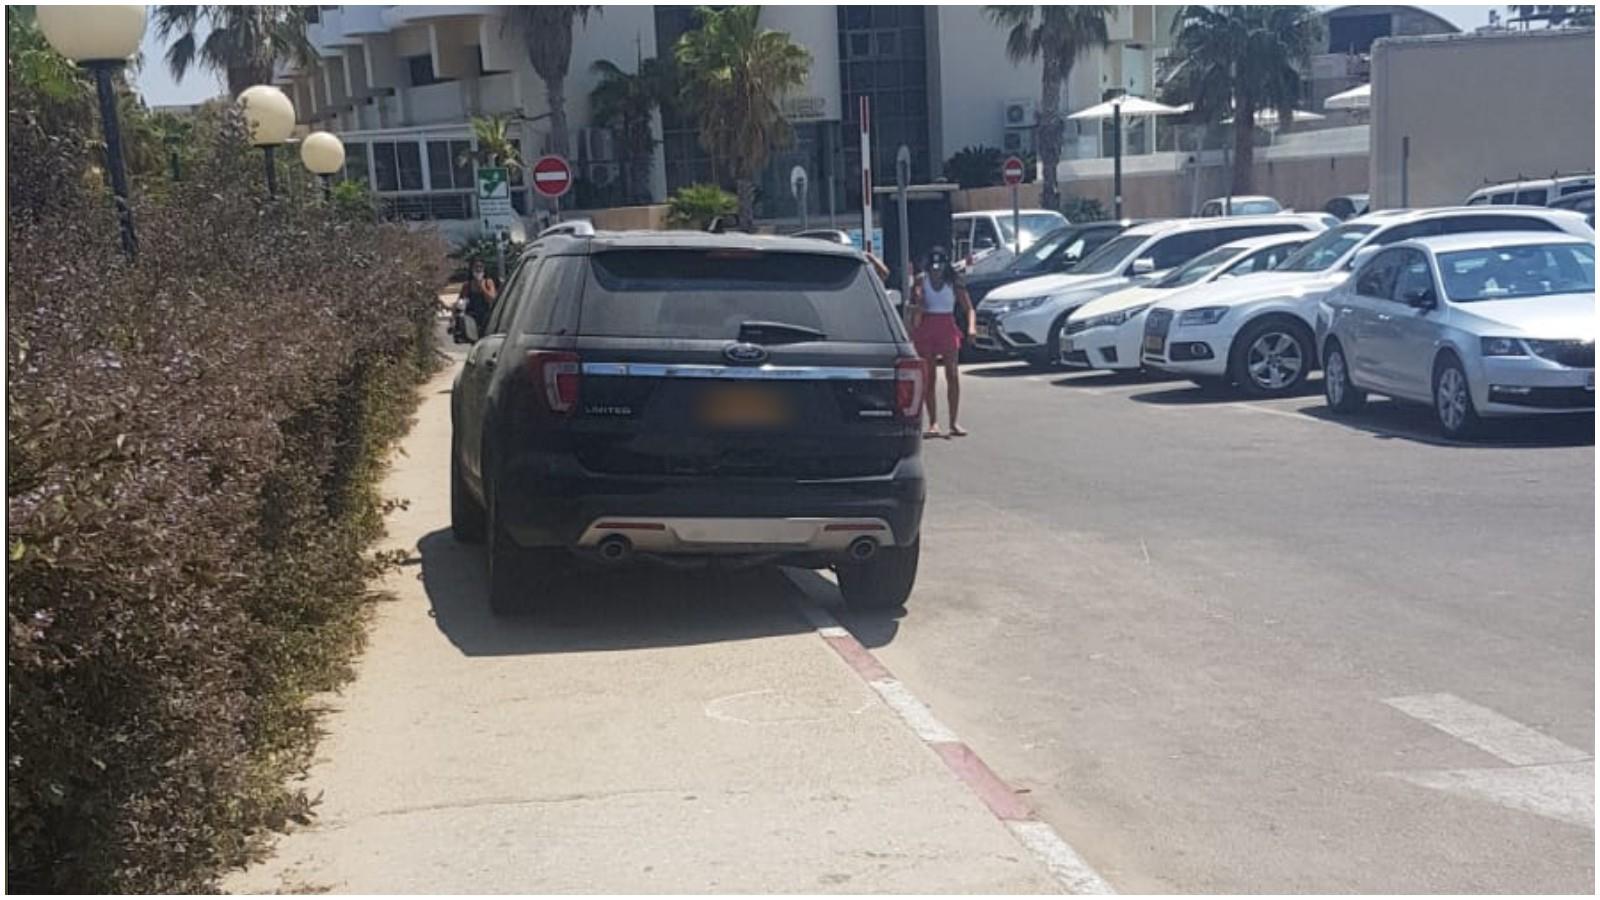 רכב חונה על המדרכה בכביש המוביל למלון דן אכדיה